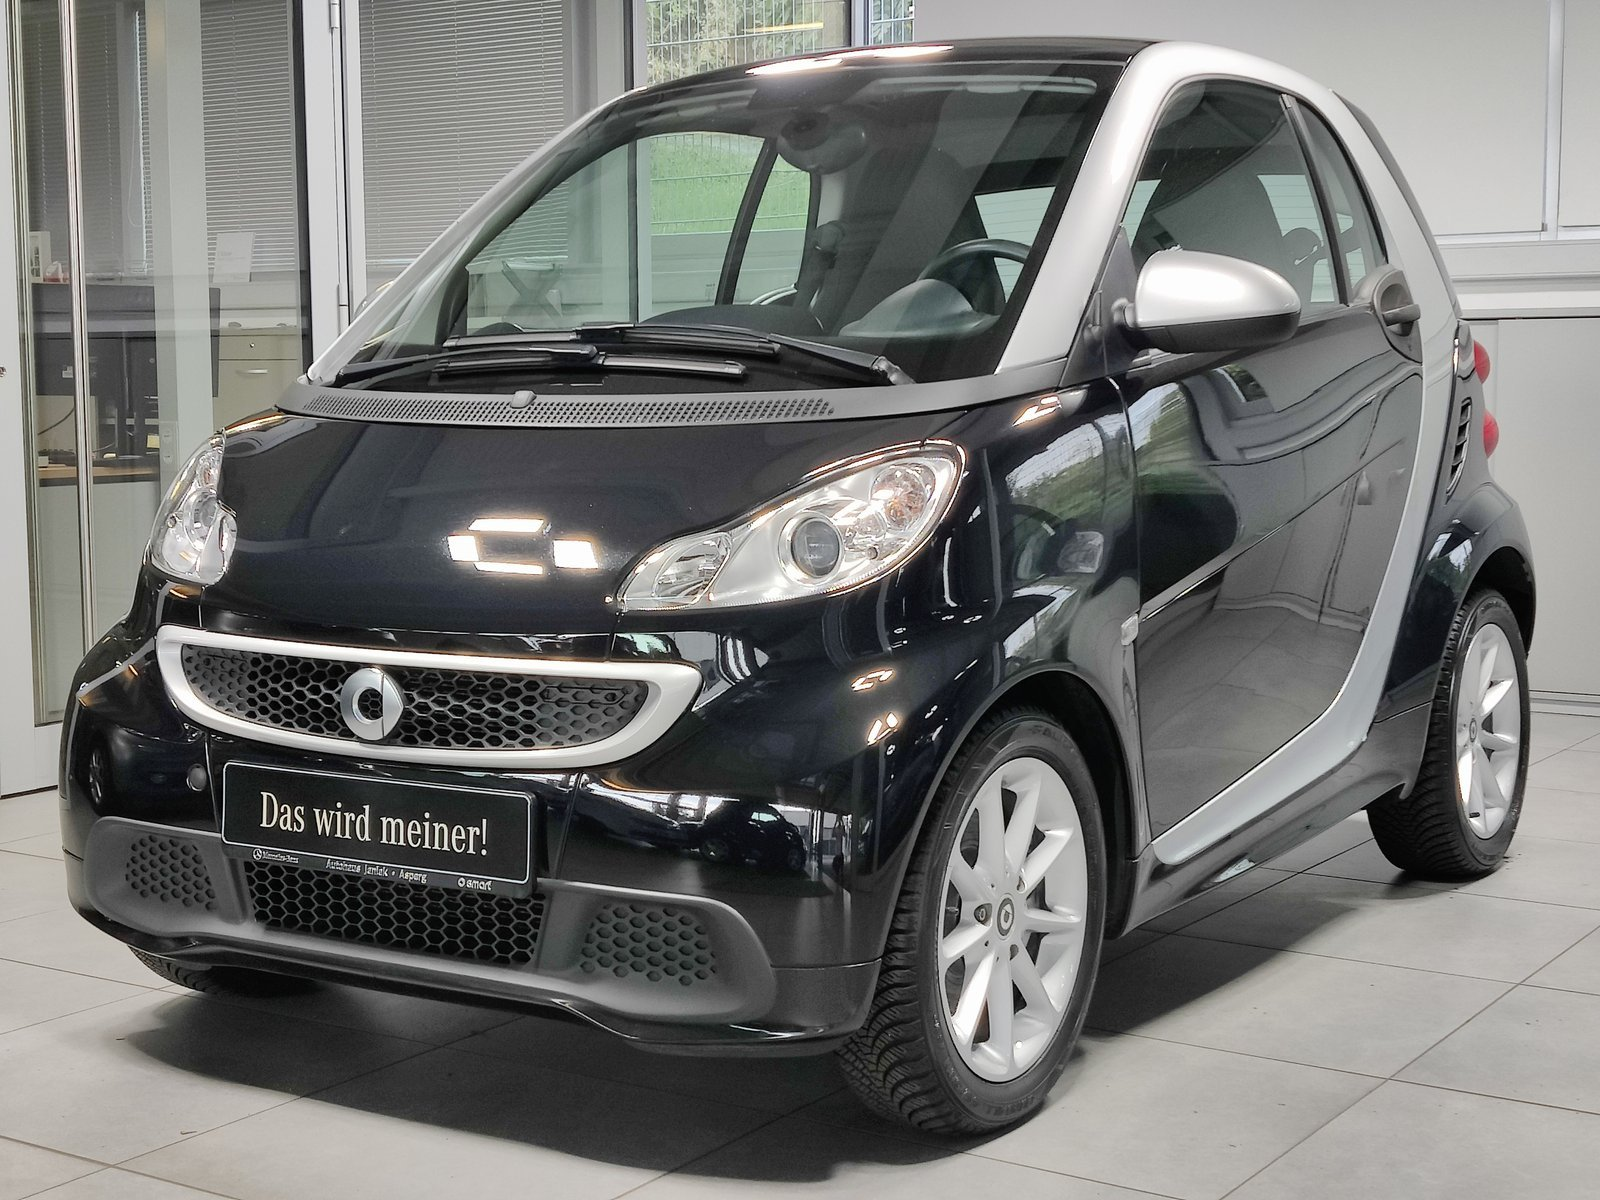 smart fortwo coupé mhd Passion|Servo|Klima|Pano|SHZ, Jahr 2013, Benzin